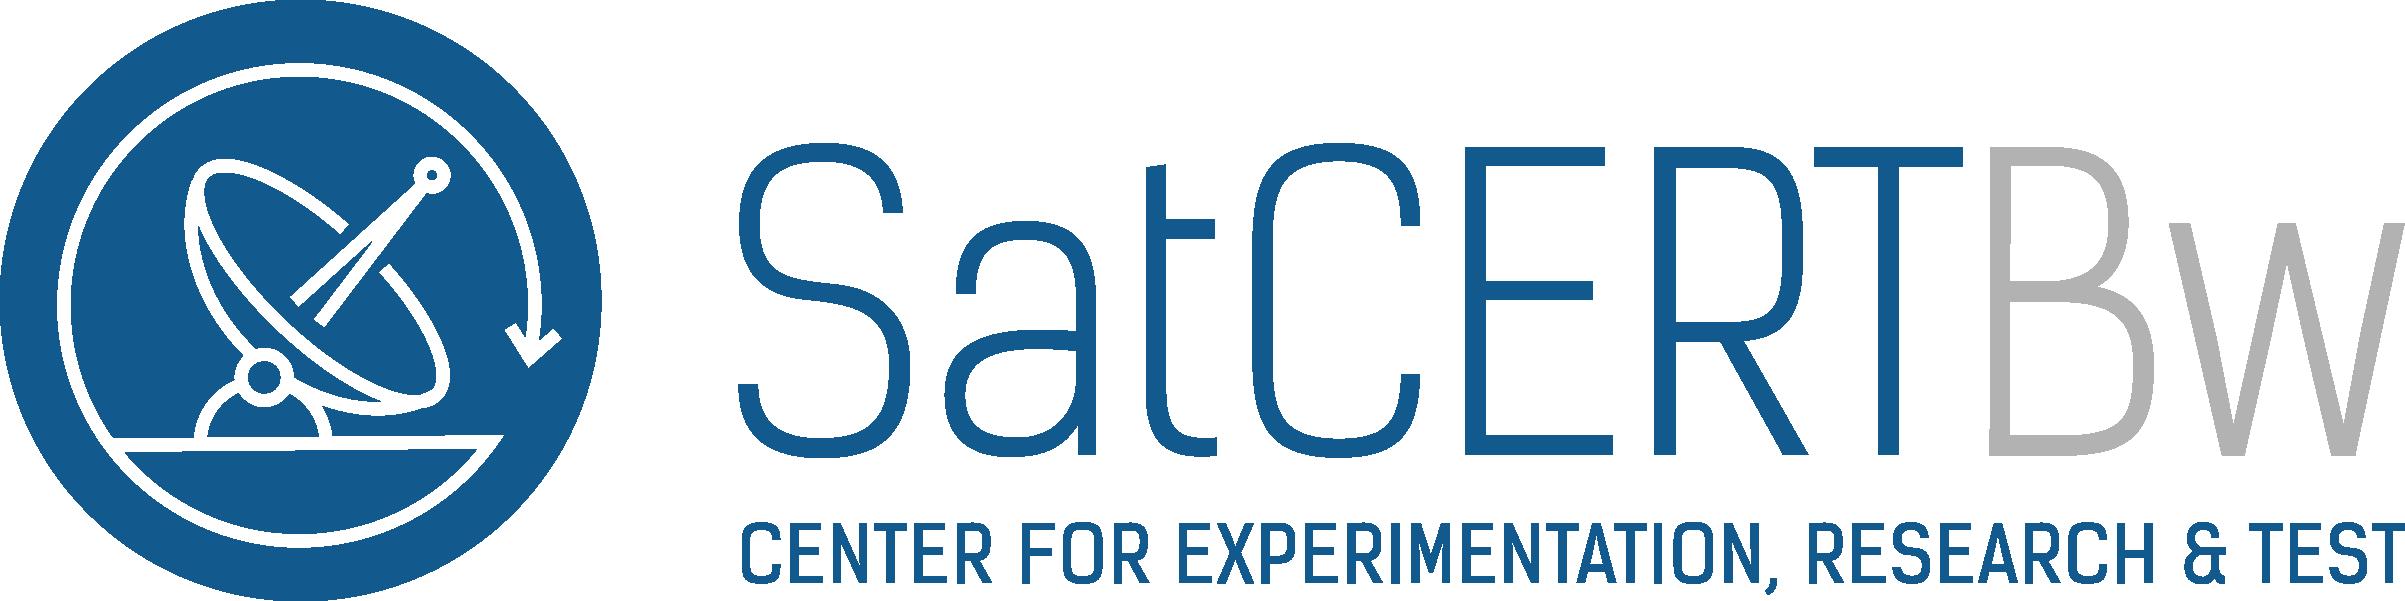 SatCERTBw-2017-cmyk.png